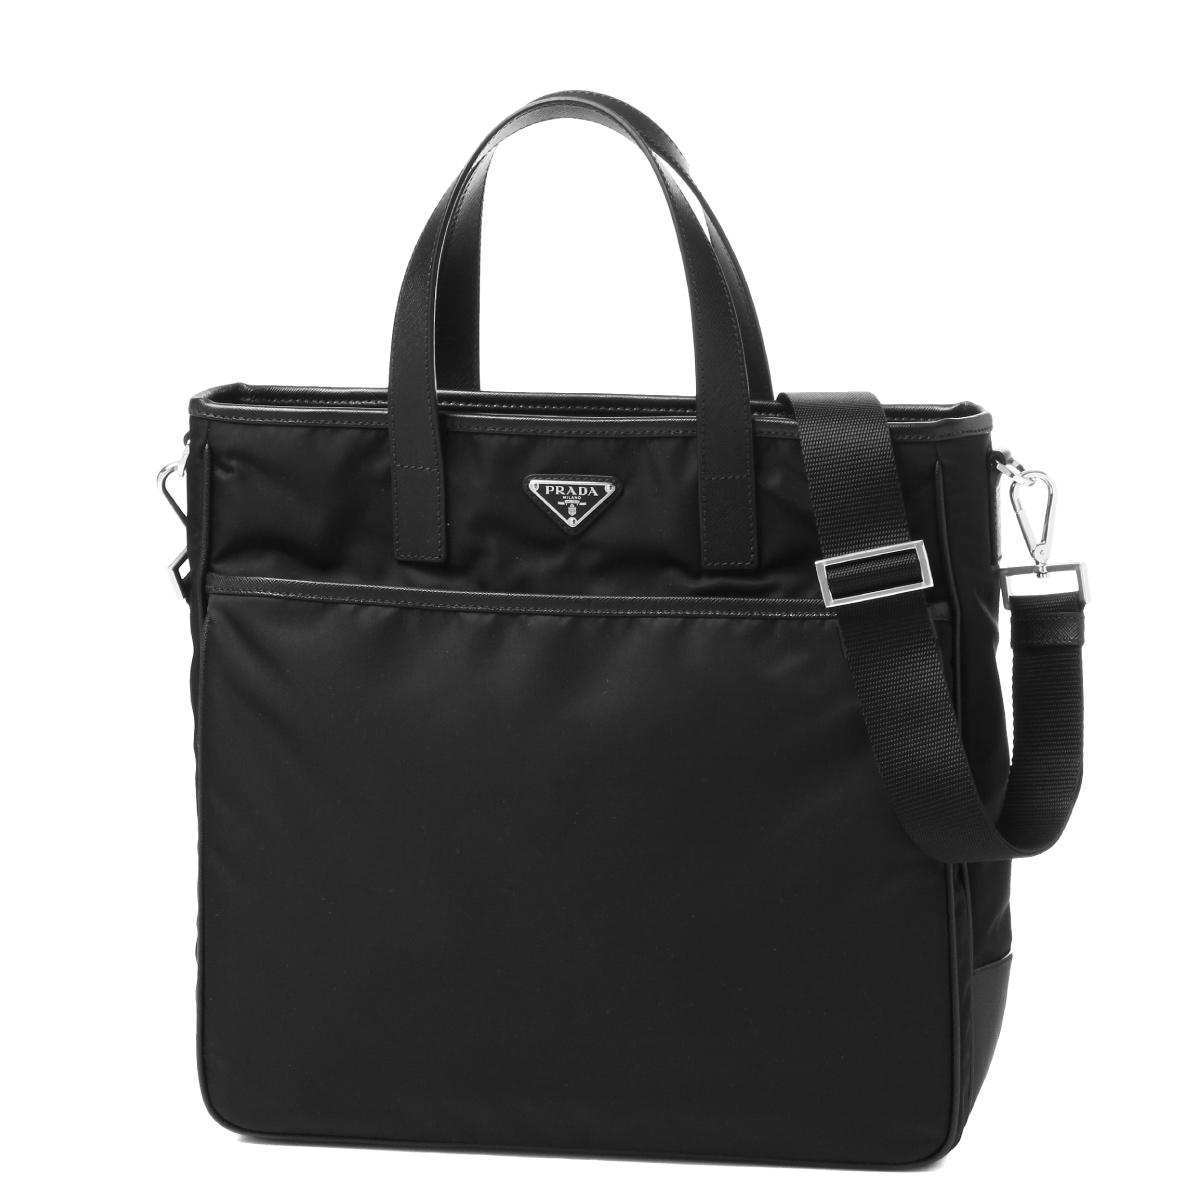 171aea9ceac4 Prada PRADA bag men 2VG032 064 F0002 shoulder tote bag NERO black belonging  to